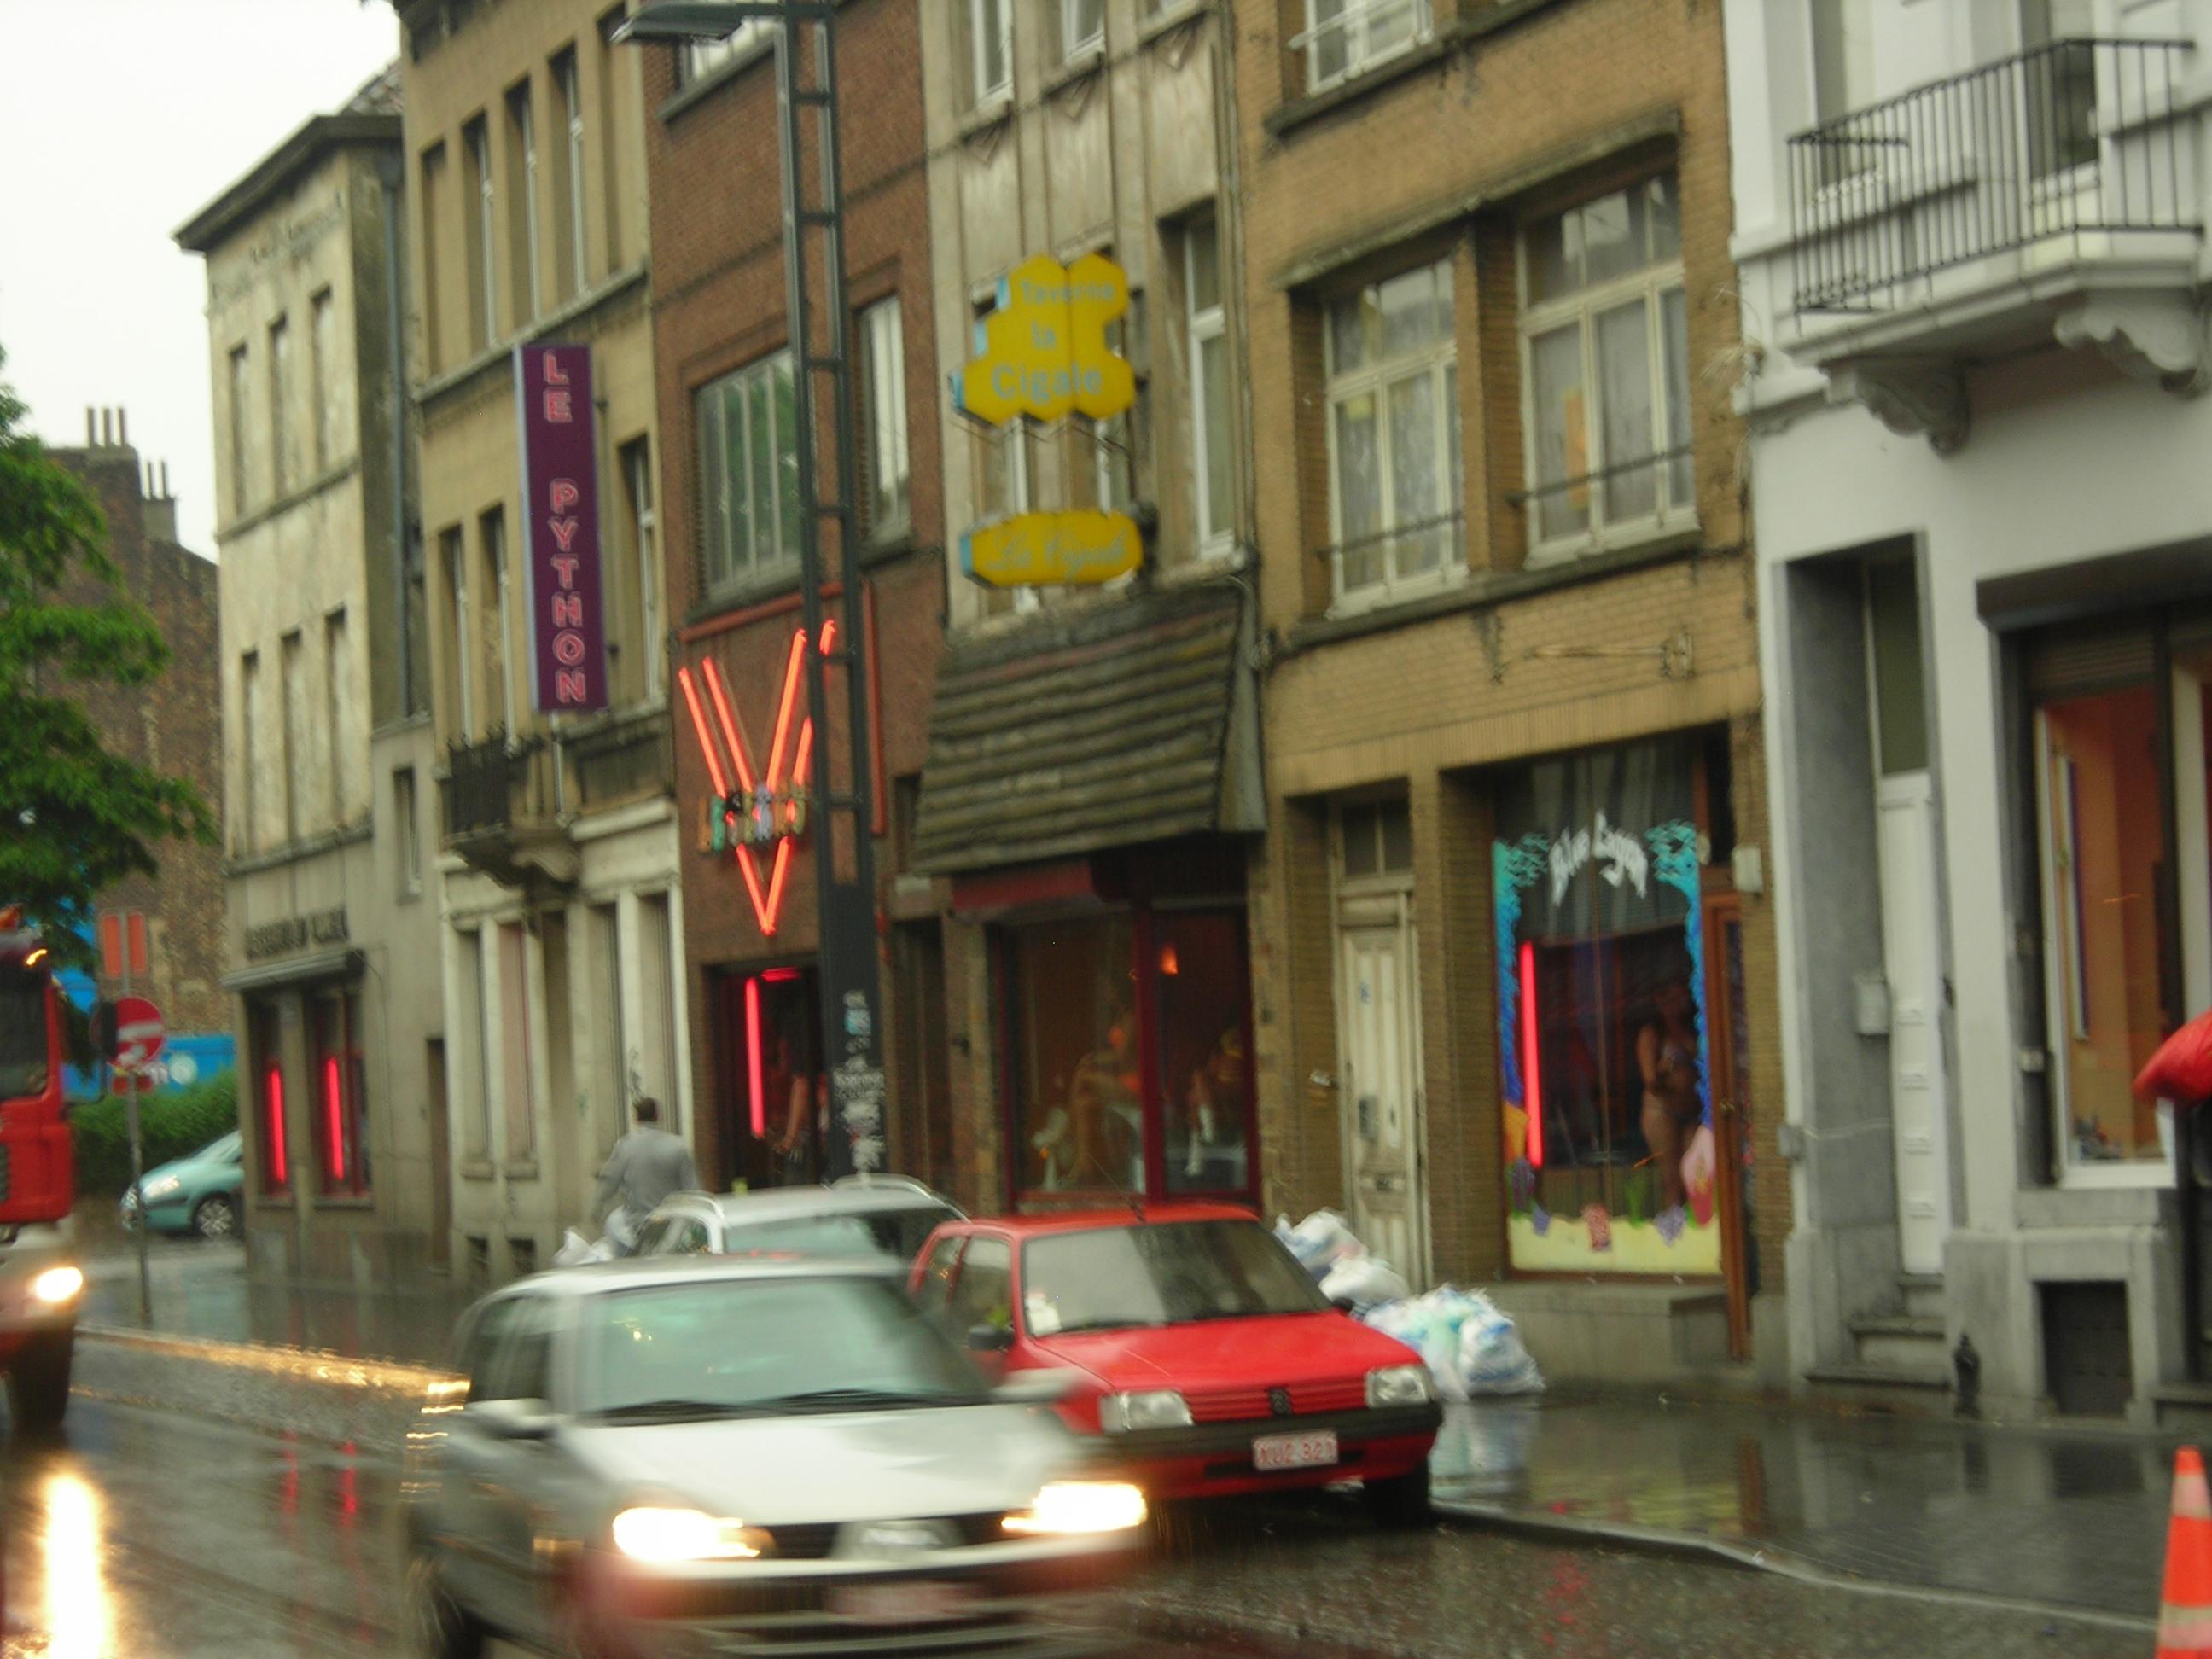 Проститутки в Бельгии  prostitutkispbsu